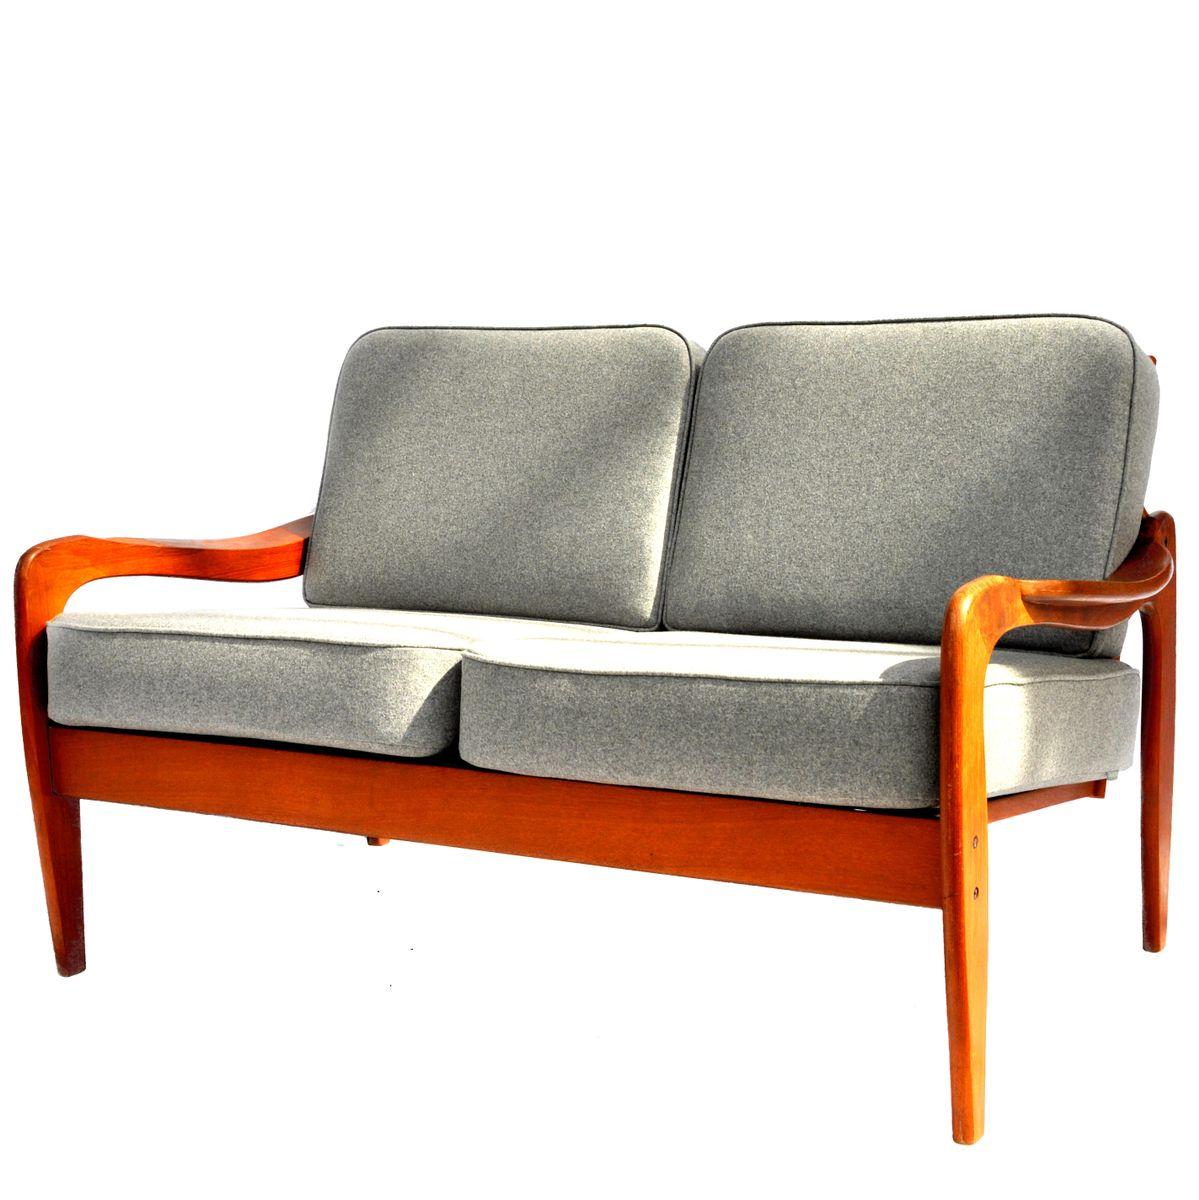 2 sitzer sofa aus teakholz von komfort bei pamono kaufen. Black Bedroom Furniture Sets. Home Design Ideas